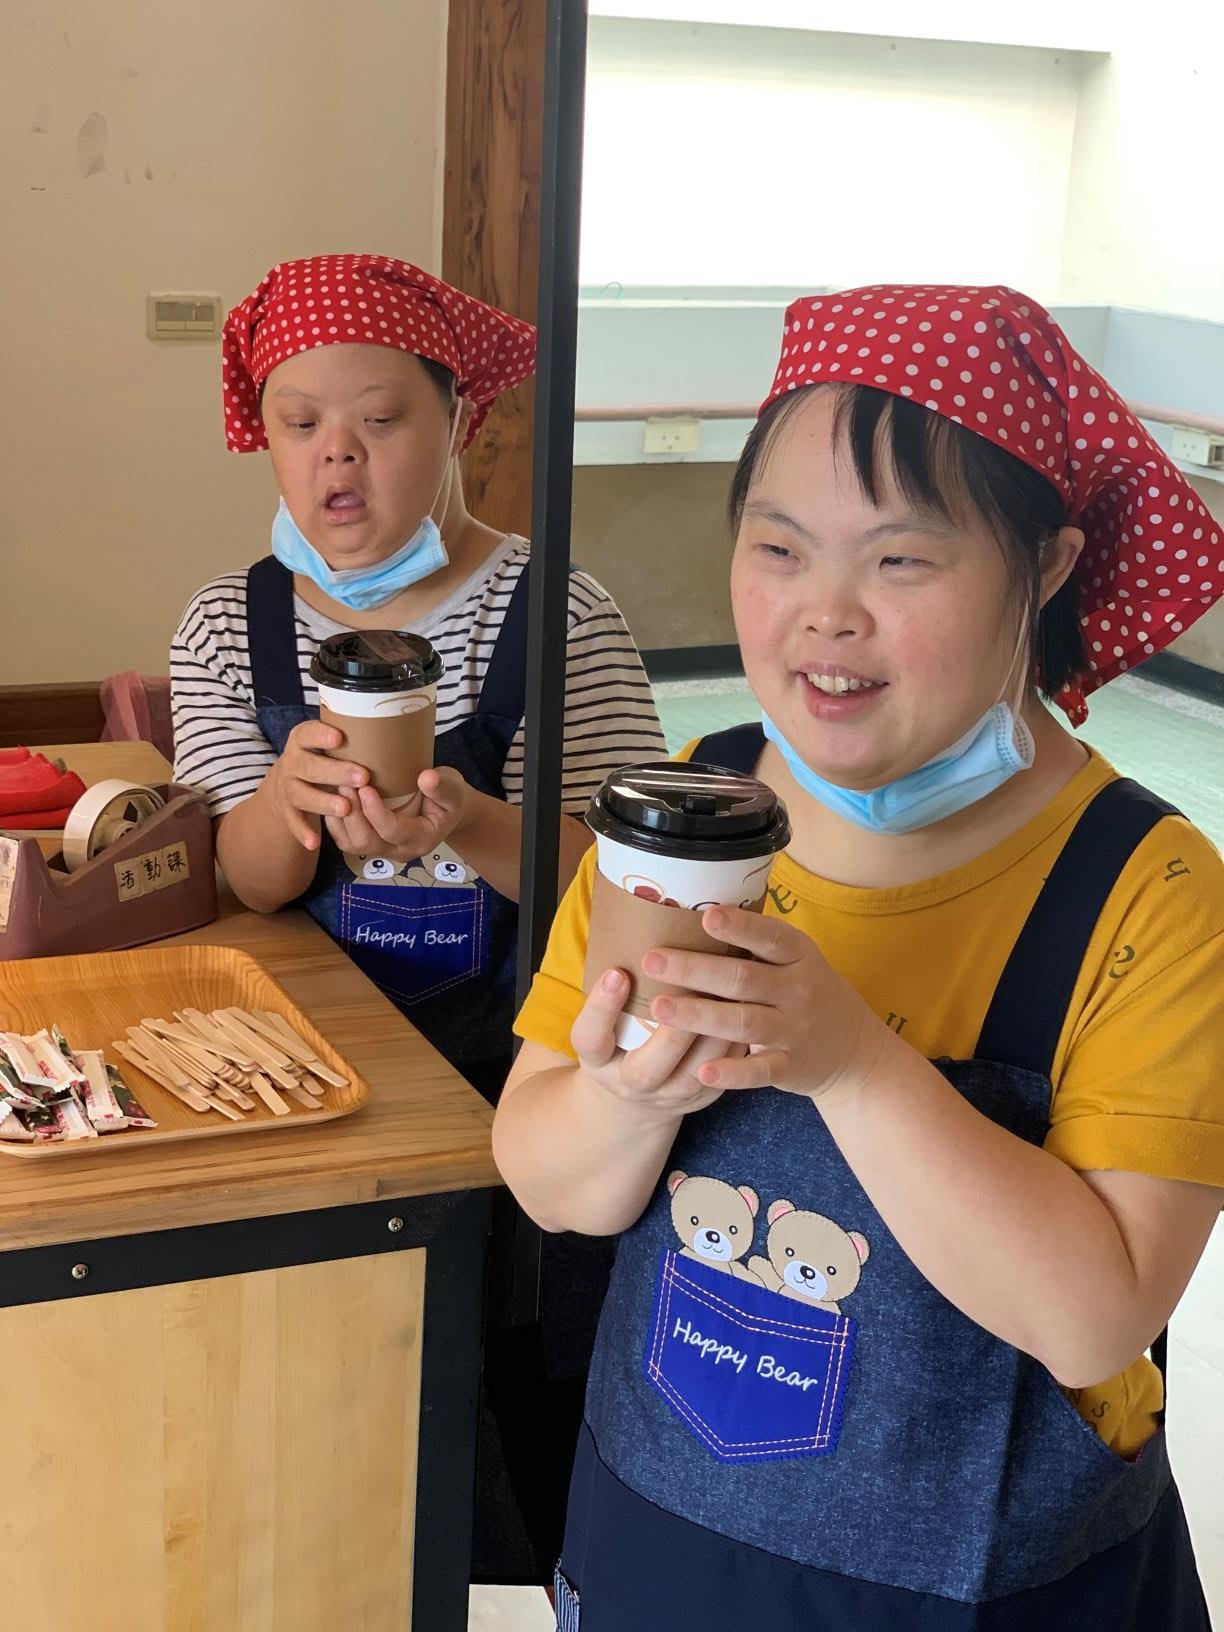 無障礙之家提供-憨兒們享受自行沖泡的暖心咖啡